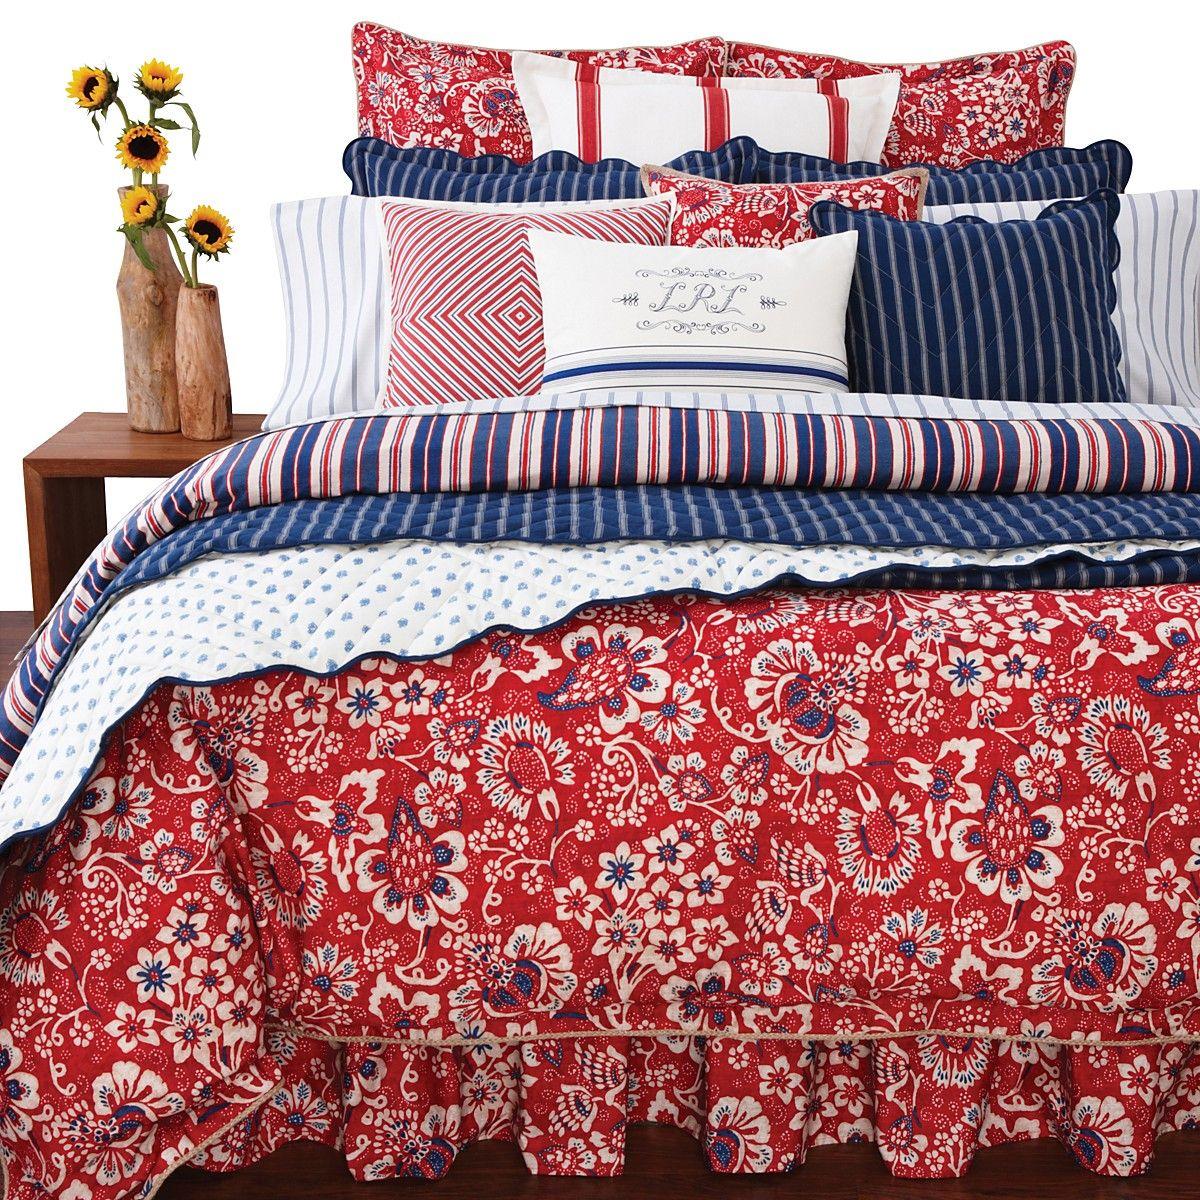 Ralph Lauren Bed Sheets Discount